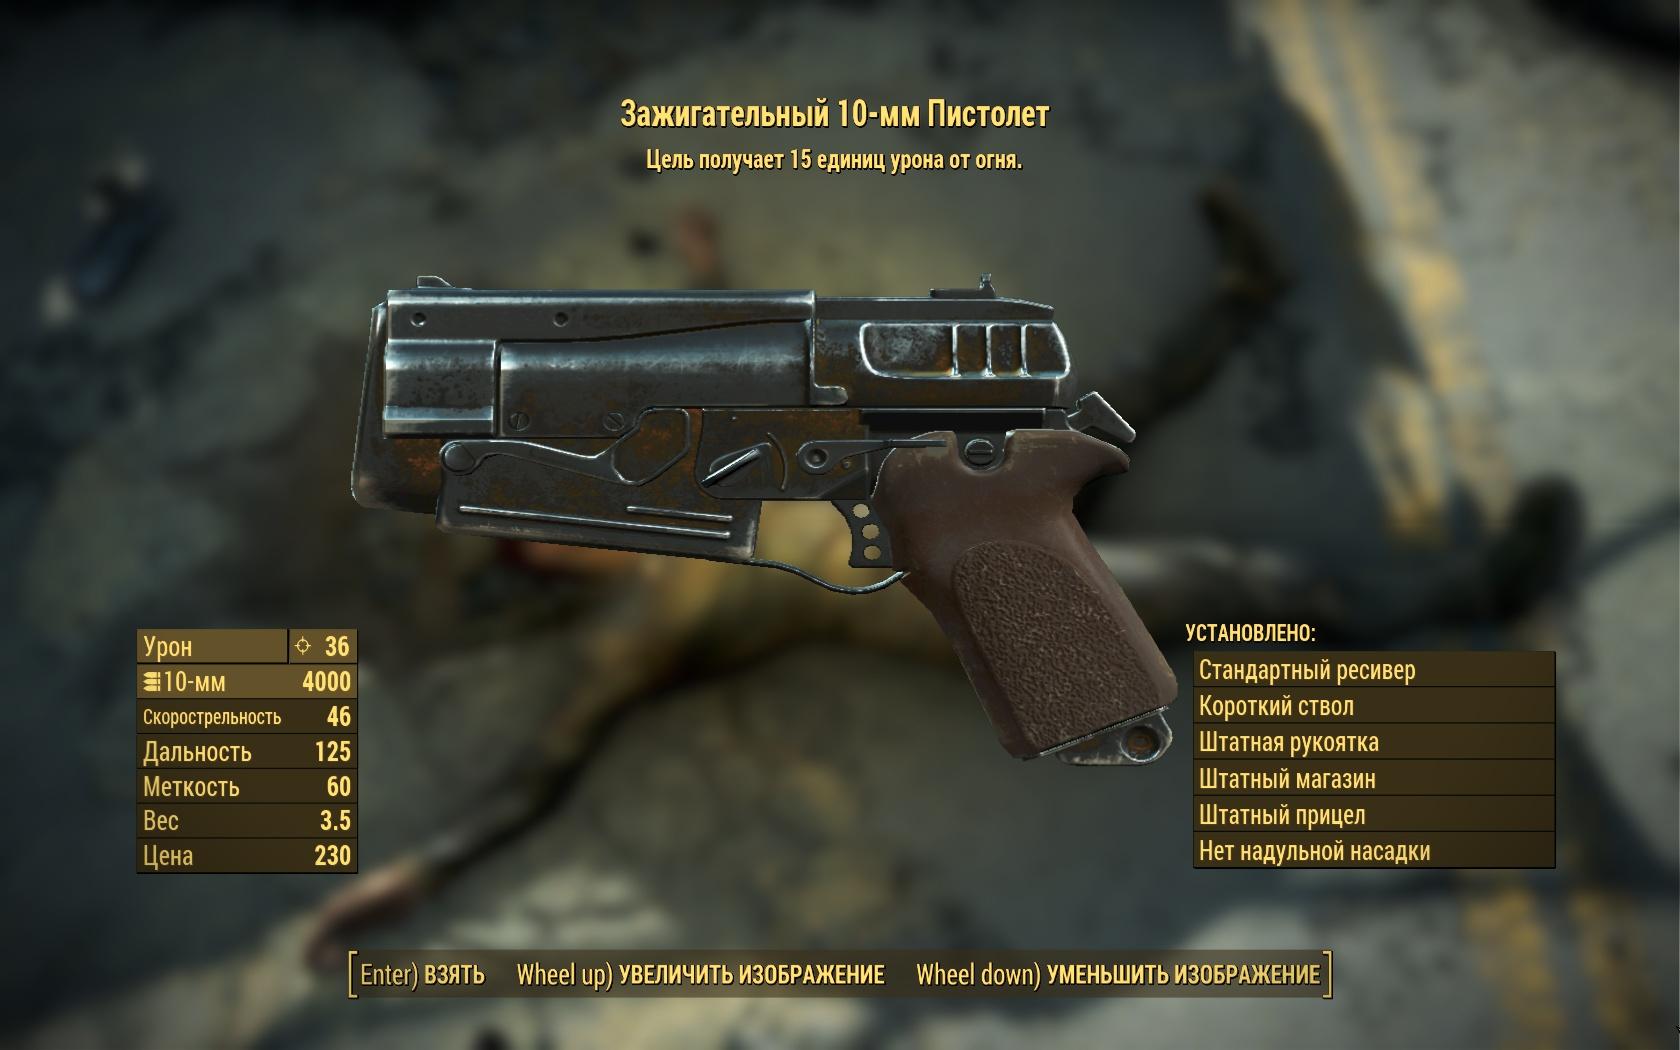 Зажигательный 10-мм пистолет - Fallout 4 10-мм, Зажигательный, Оружие